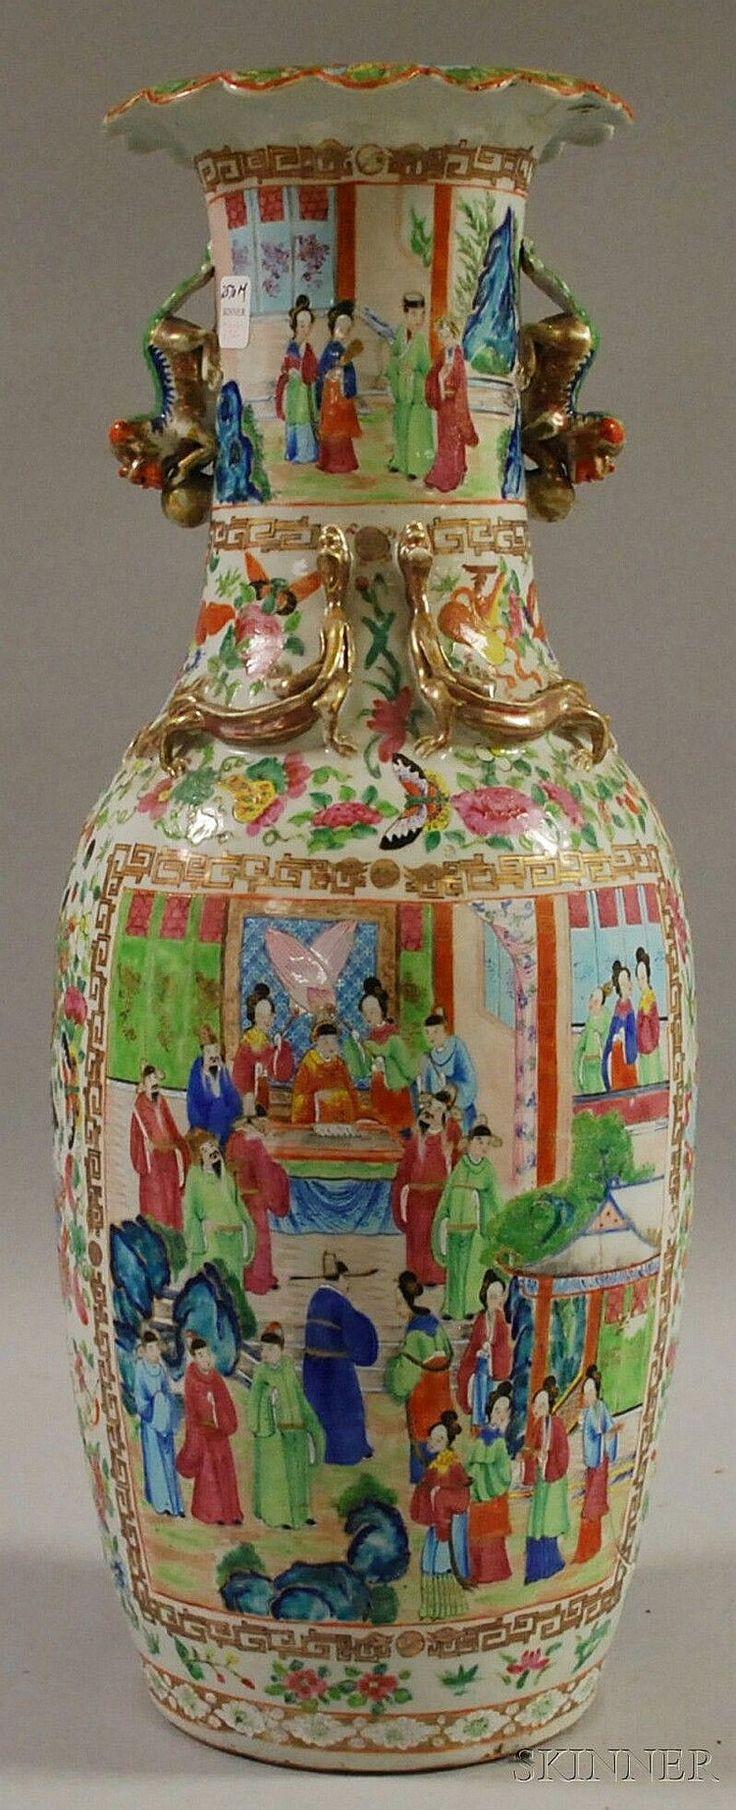 M s de 25 ideas incre bles sobre piso de porcelana en pinterest pisos porcelanato rustico y - Suelos de porcelana ...